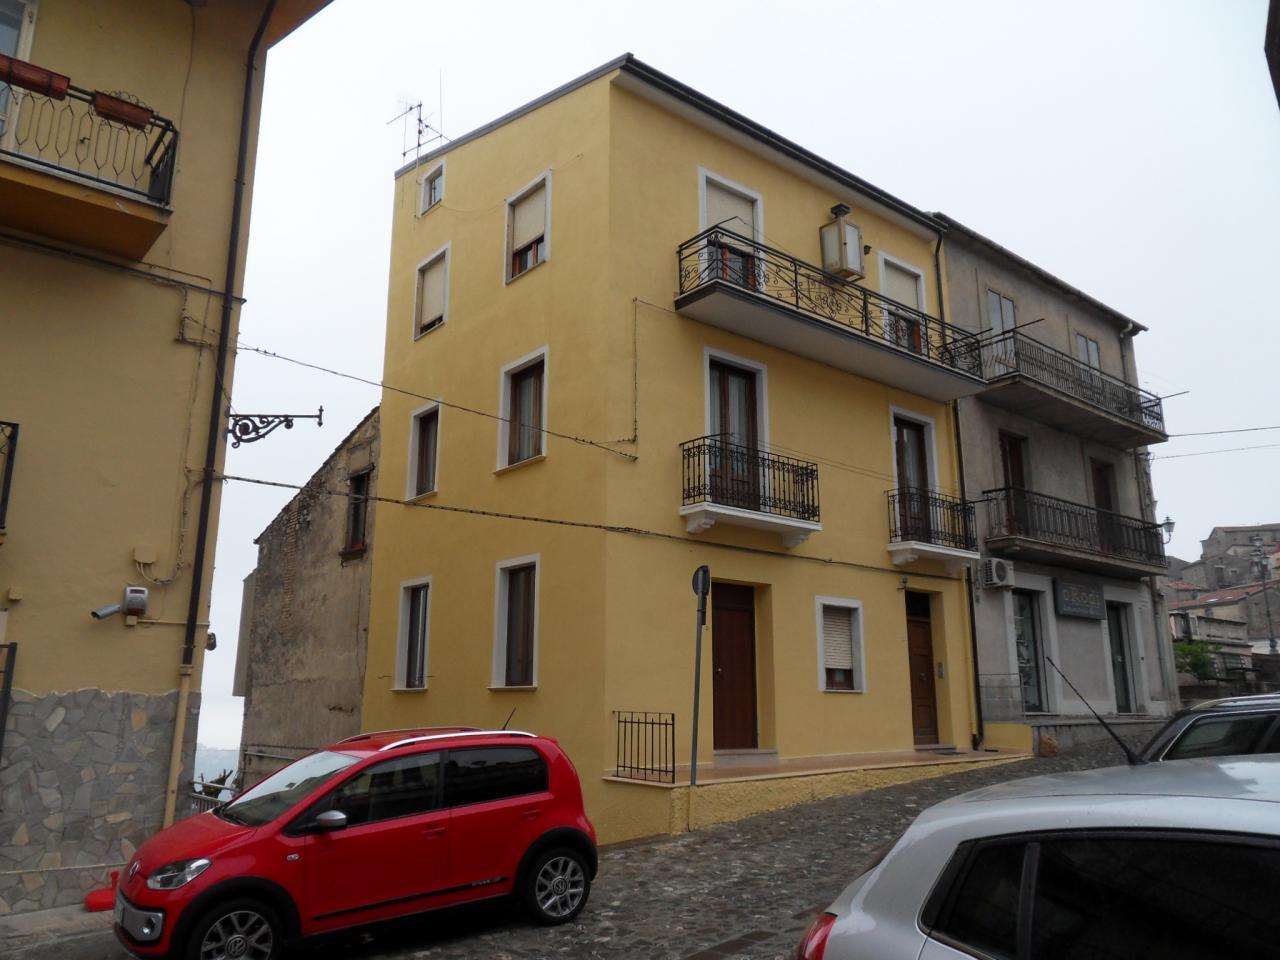 Appartamento in vendita a Spezzano della Sila, 4 locali, prezzo € 23.000 | Cambio Casa.it